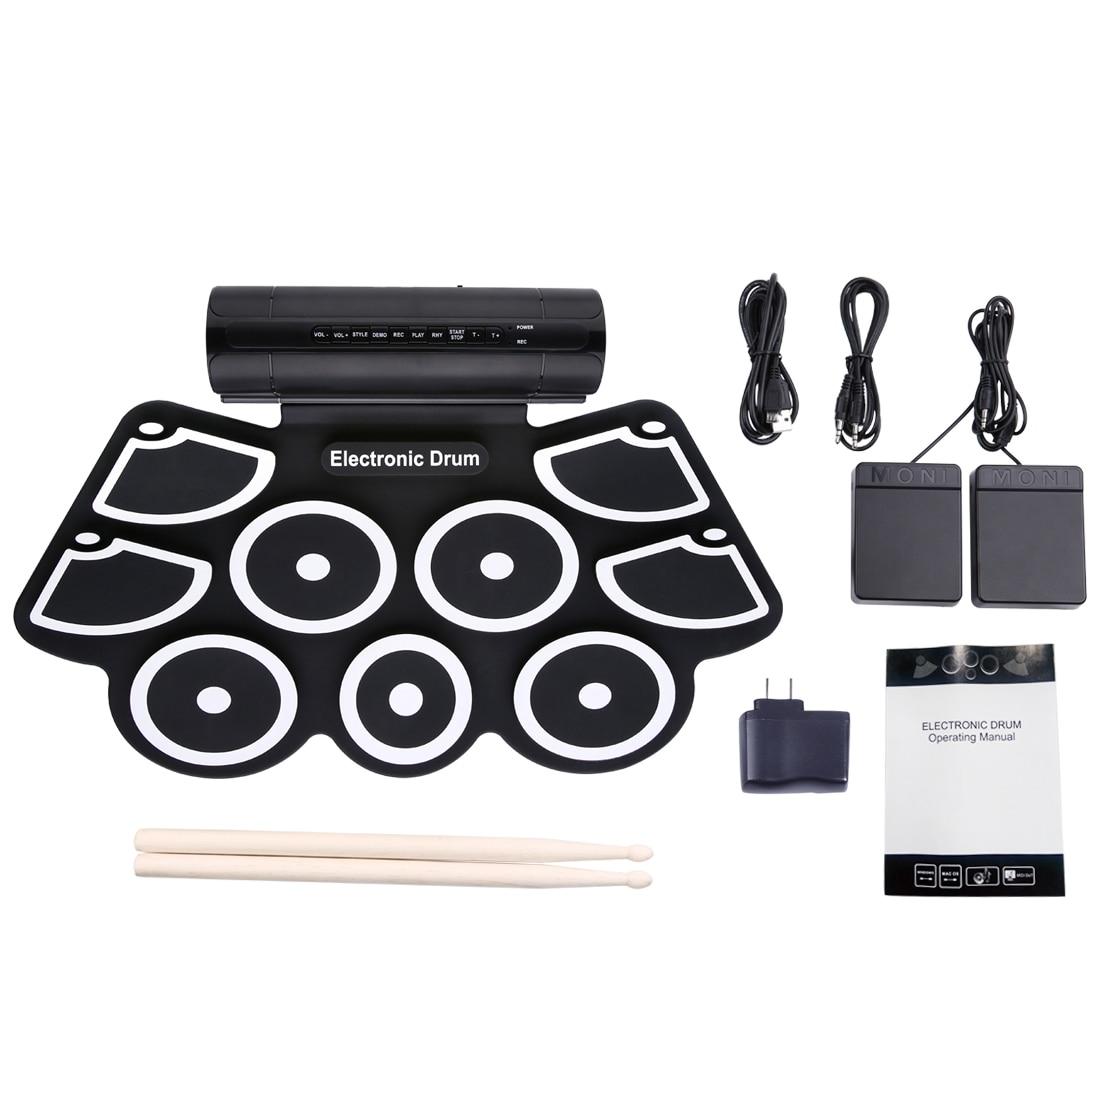 Портативный свернутый электронный барабан набор 9 силиконовых подушек Встроенные колонки с барабанные палочки, ножные педали Поддержка USB ...